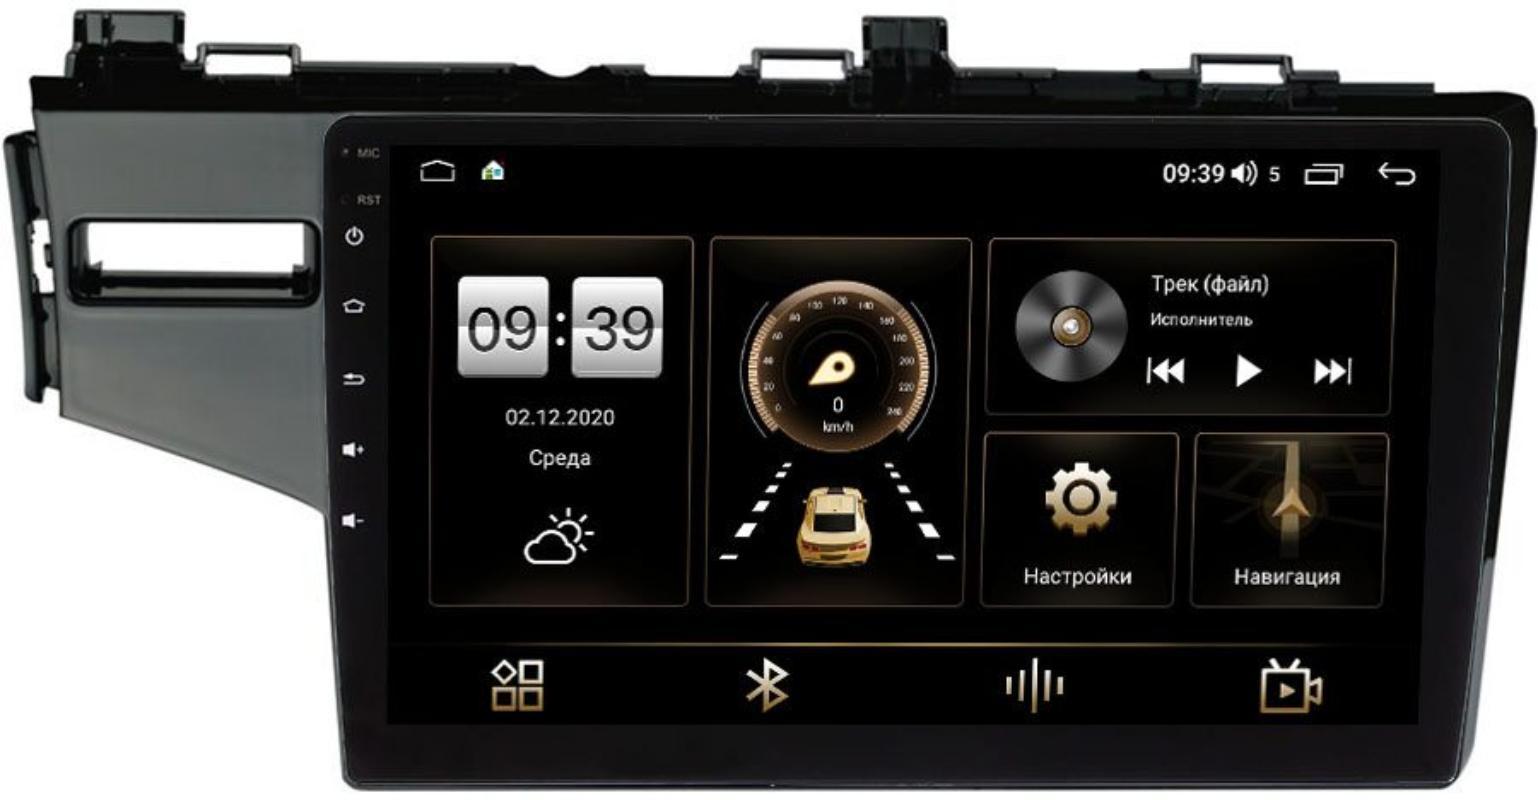 Штатная магнитола Honda Jazz III 2015-2021 (левый руль) LeTrun 4195-10-468 на Android 10 (6/128, DSP, QLed) С оптическим выходом (+ Камера заднего вида в подарок!)